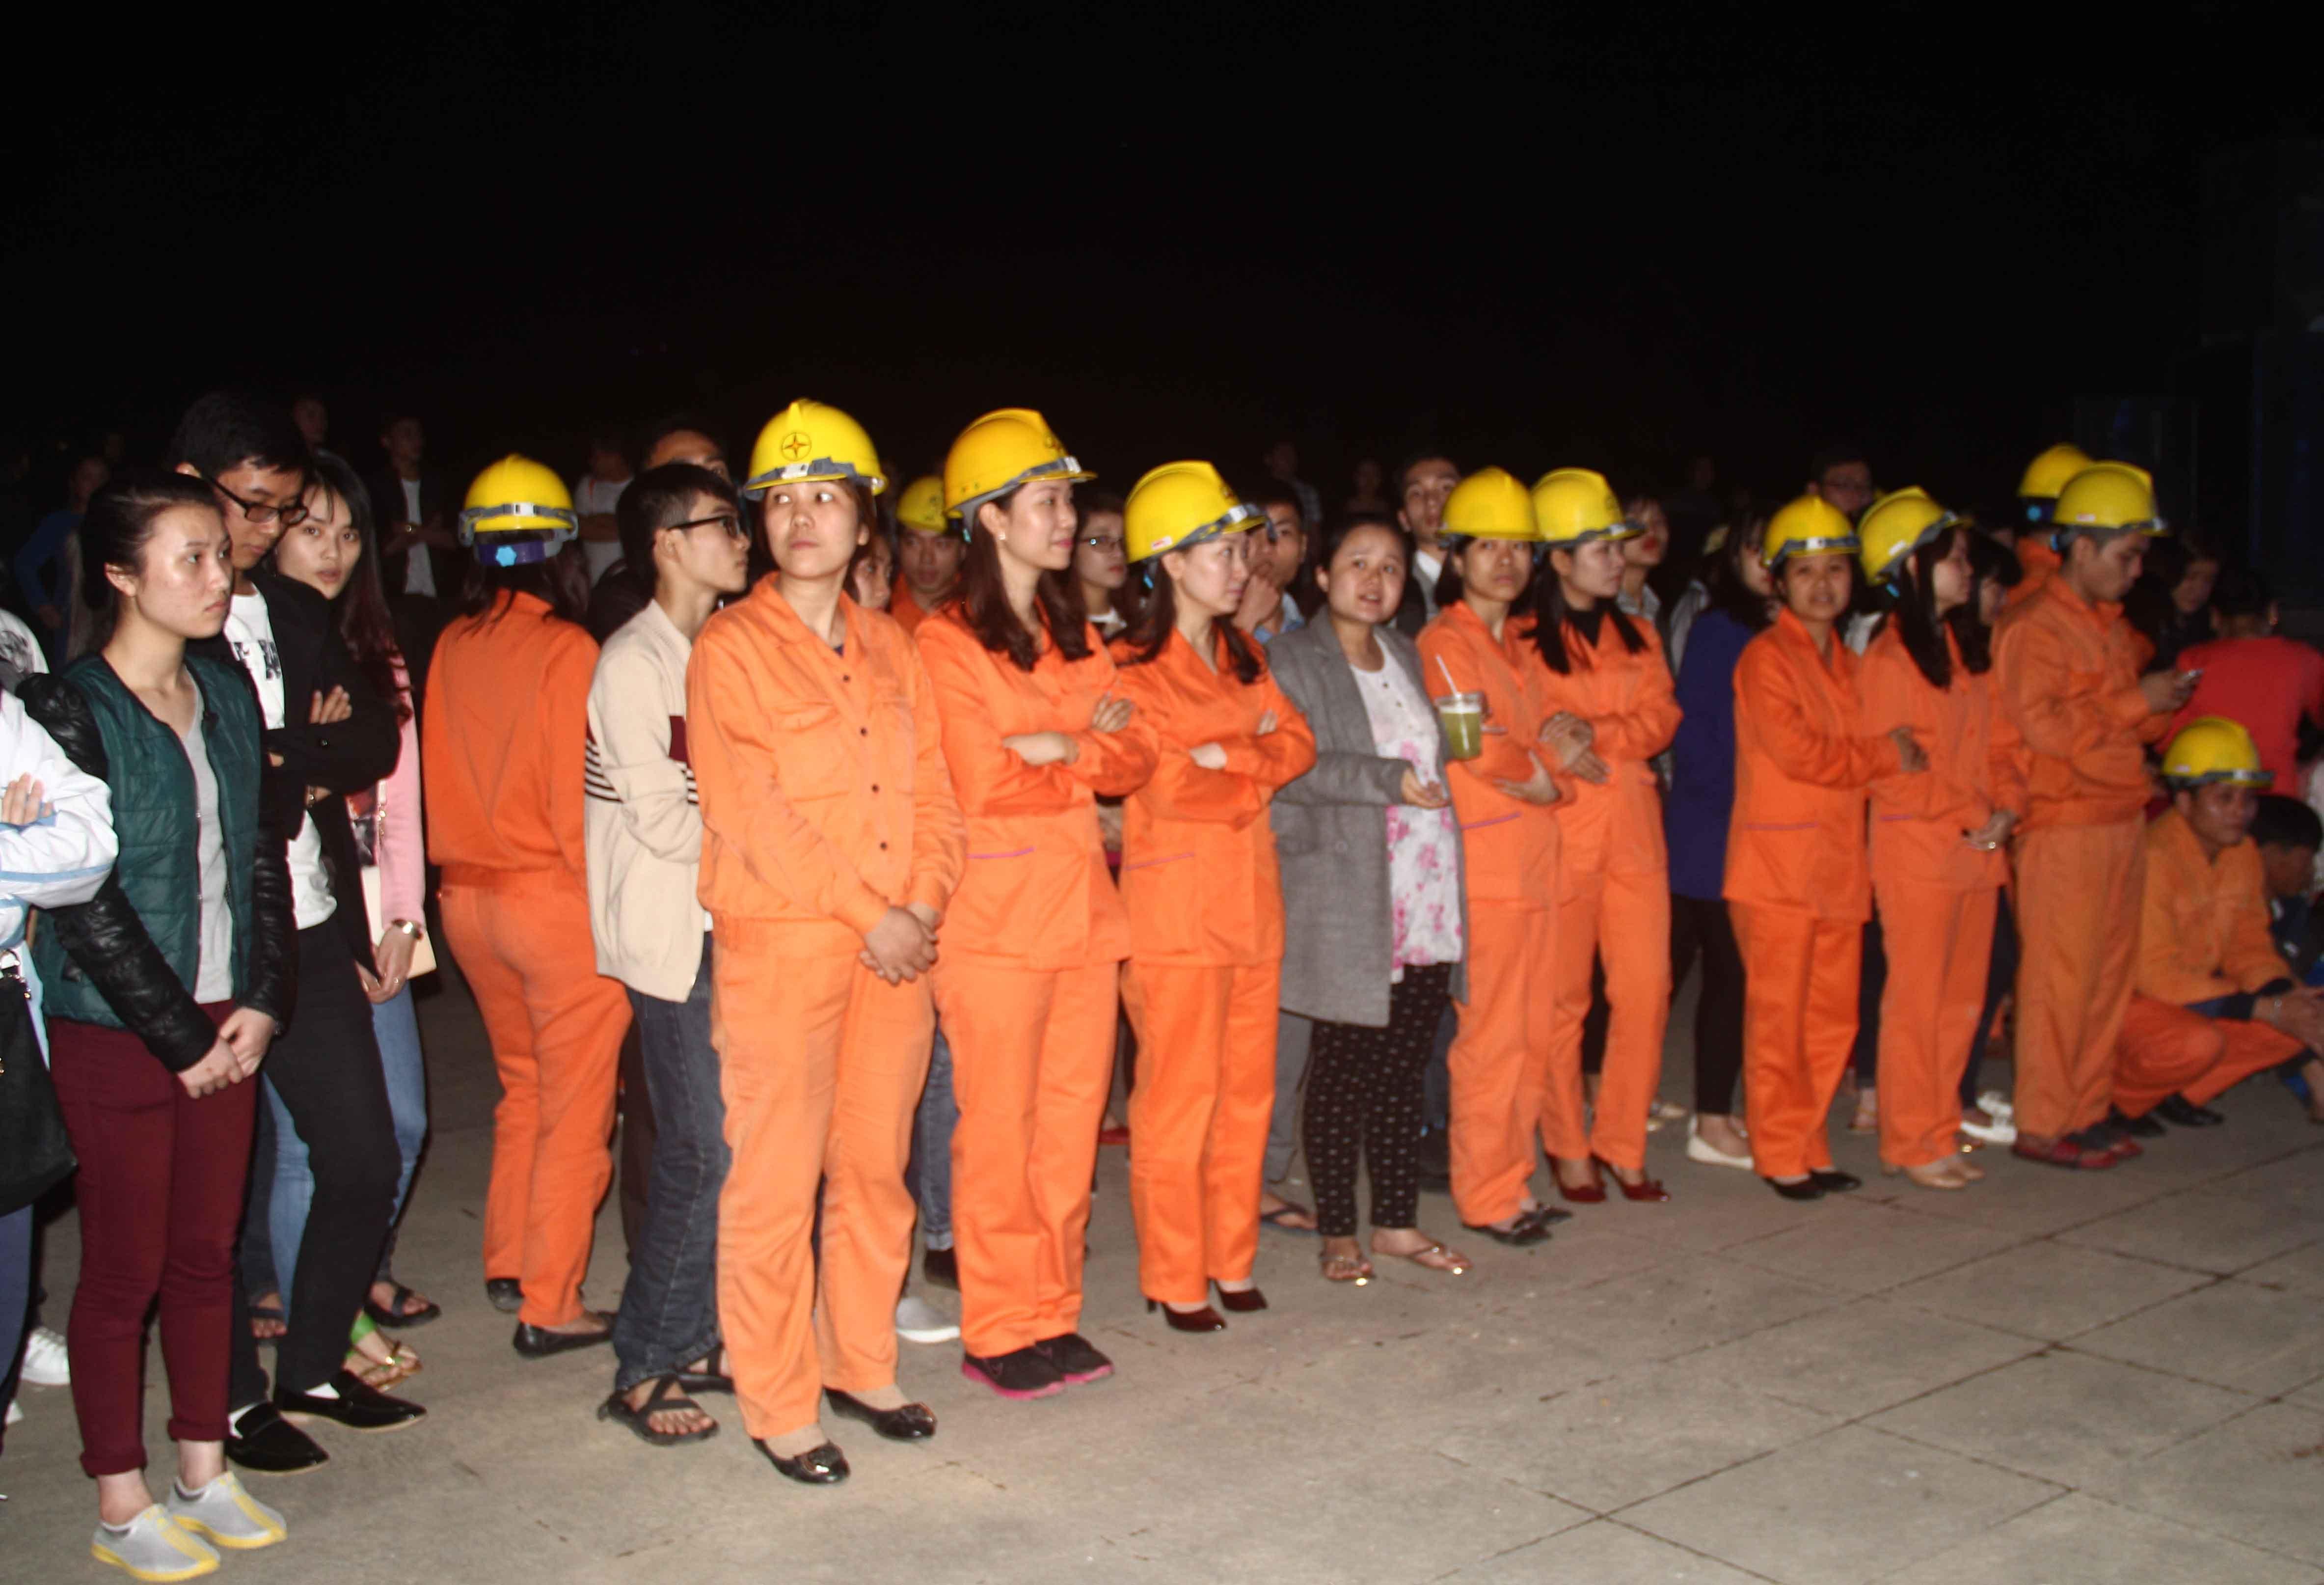 Các cán bộ, nhân viên điện lực Thanh Hóa tham dự tại lễ ra quân Giờ trái đất